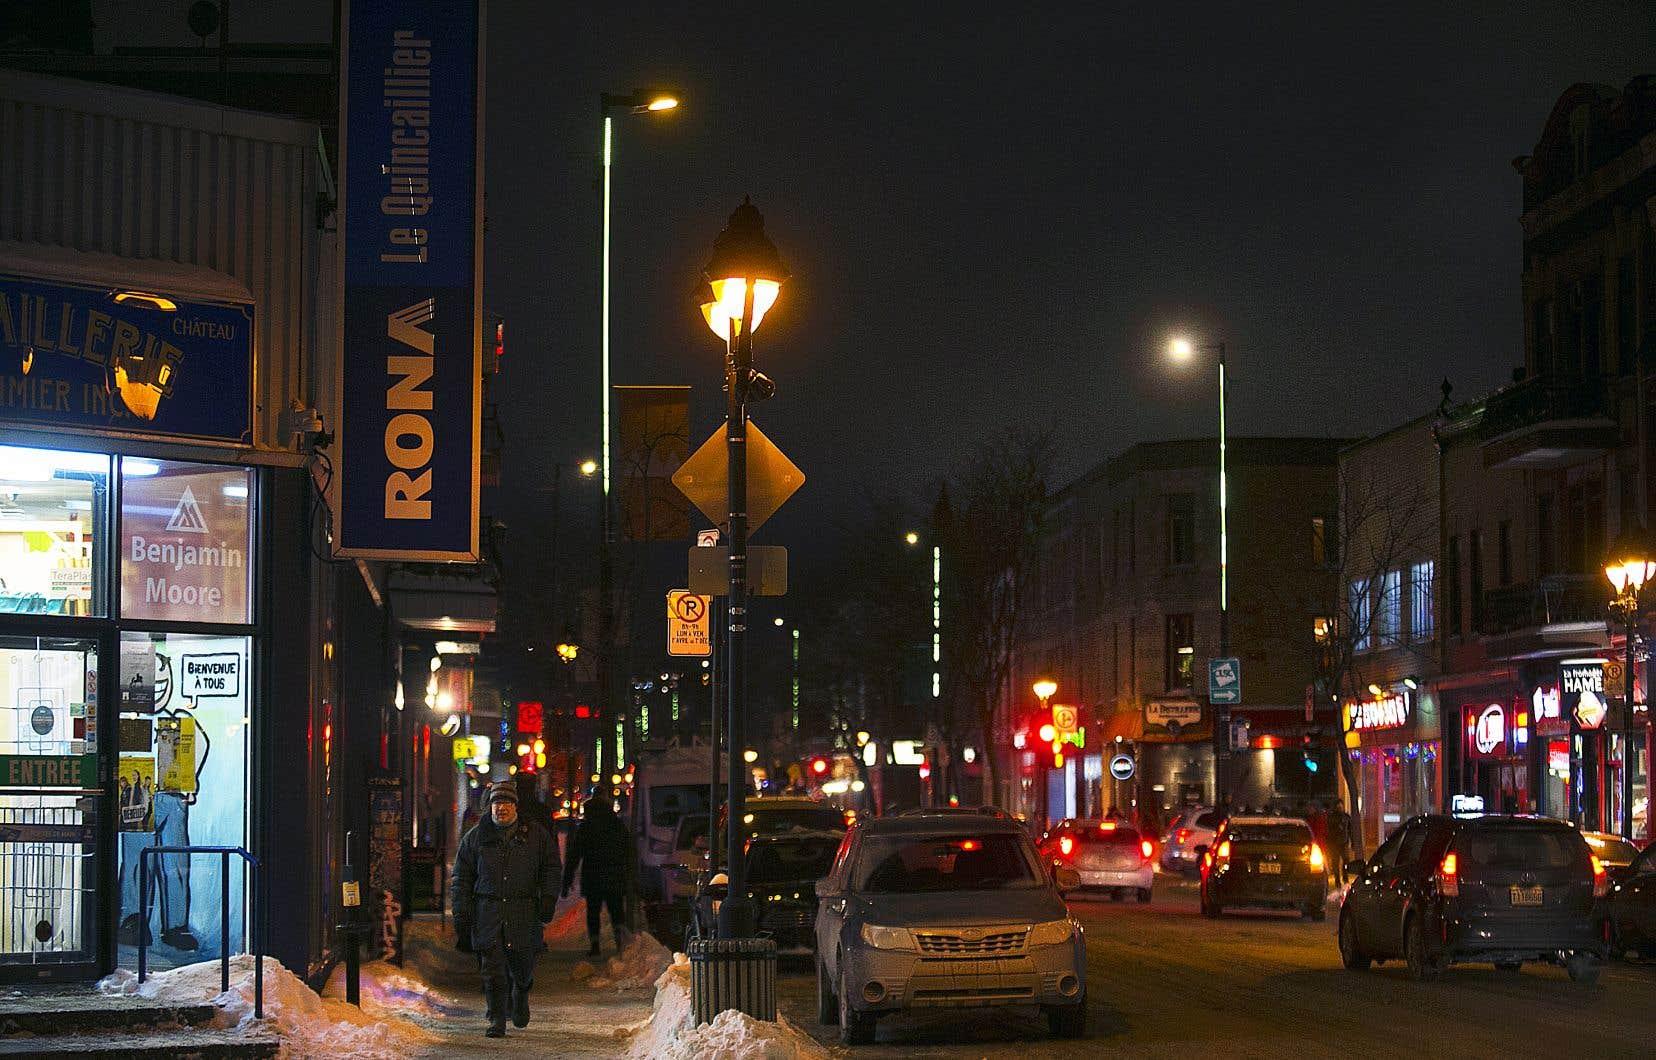 Jusqu'à maintenant, environ 78000 luminaires à DEL ont été installés à travers la ville, sur un total de 132000. Le projet de conversion devrait être terminé en 2022, tel que prévu.